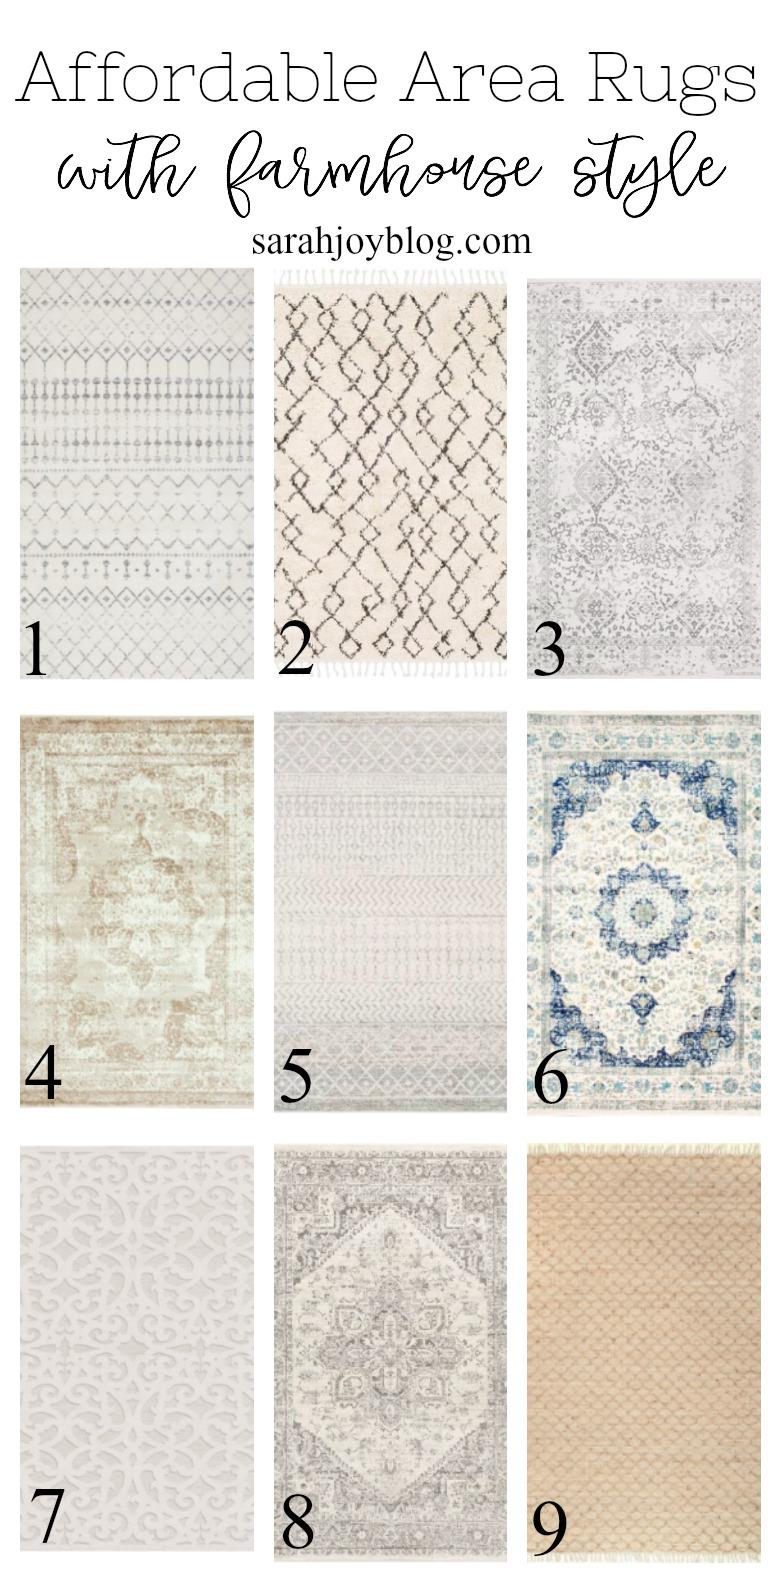 Weekend S Affordable Rugs Sarah Joy Blog